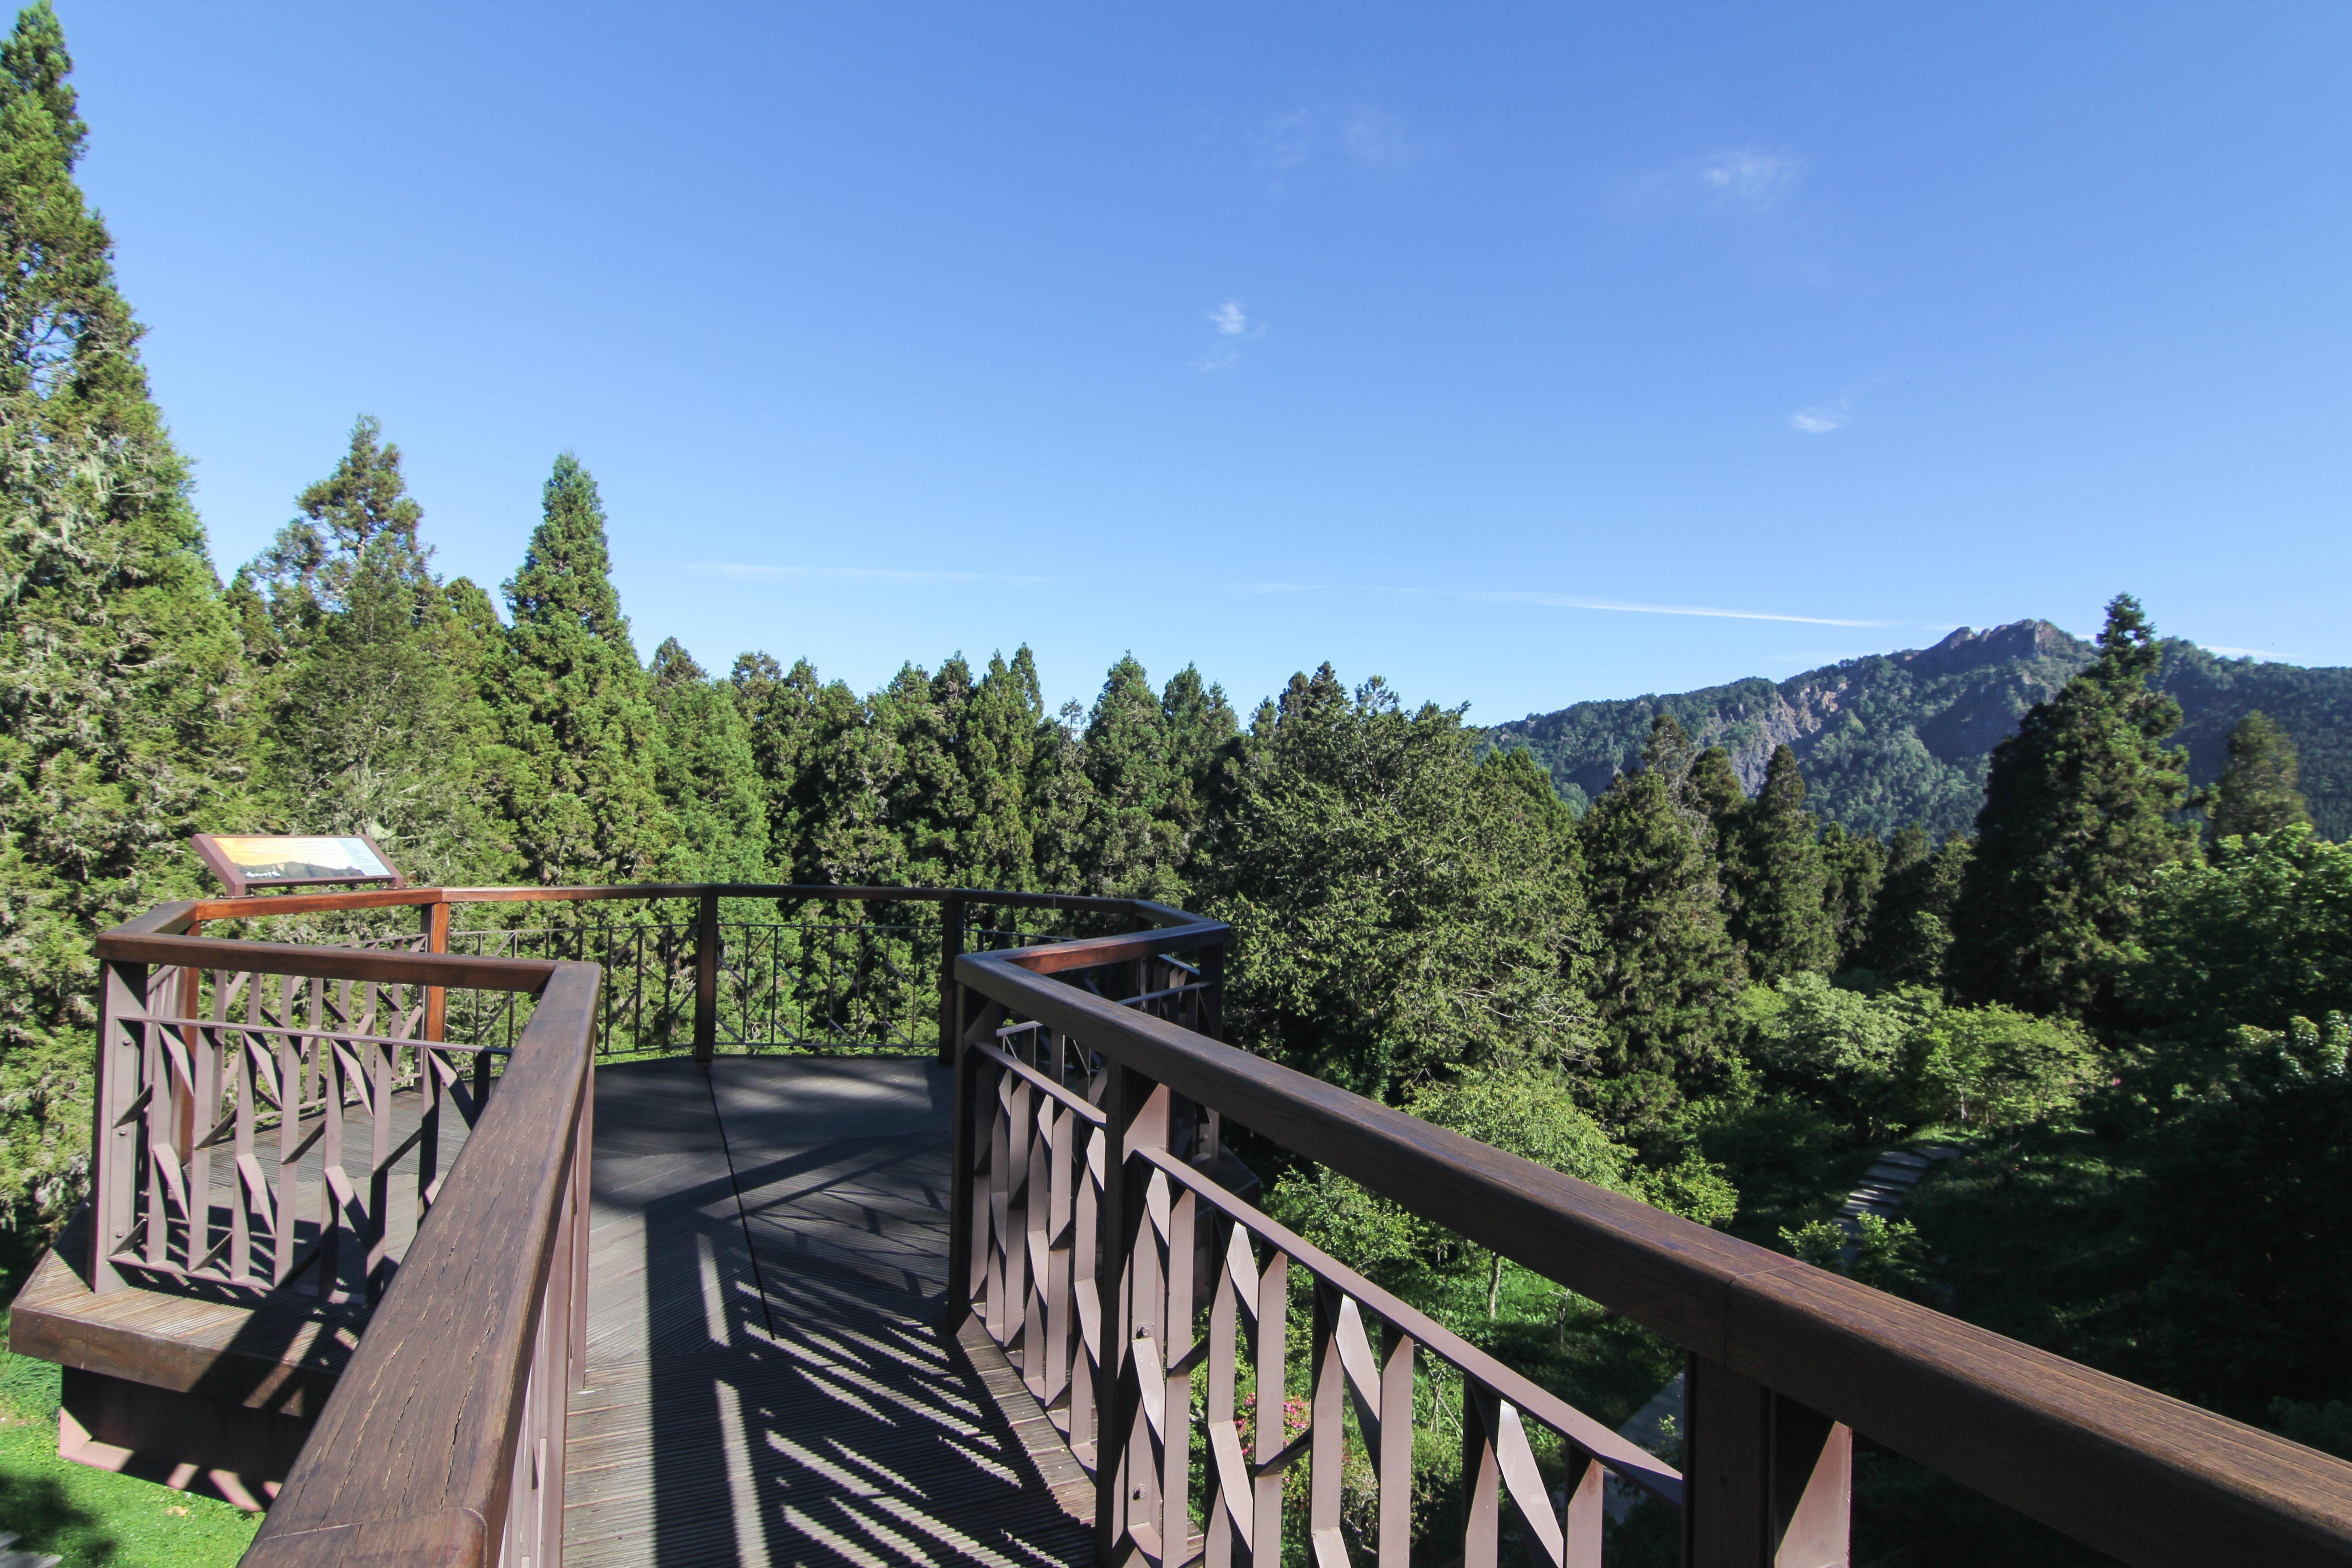 阿里山森林遊樂區總面積約1400公頃,四周高山環繞、氣溫涼爽,景觀氣象萬千。圖/觀光局